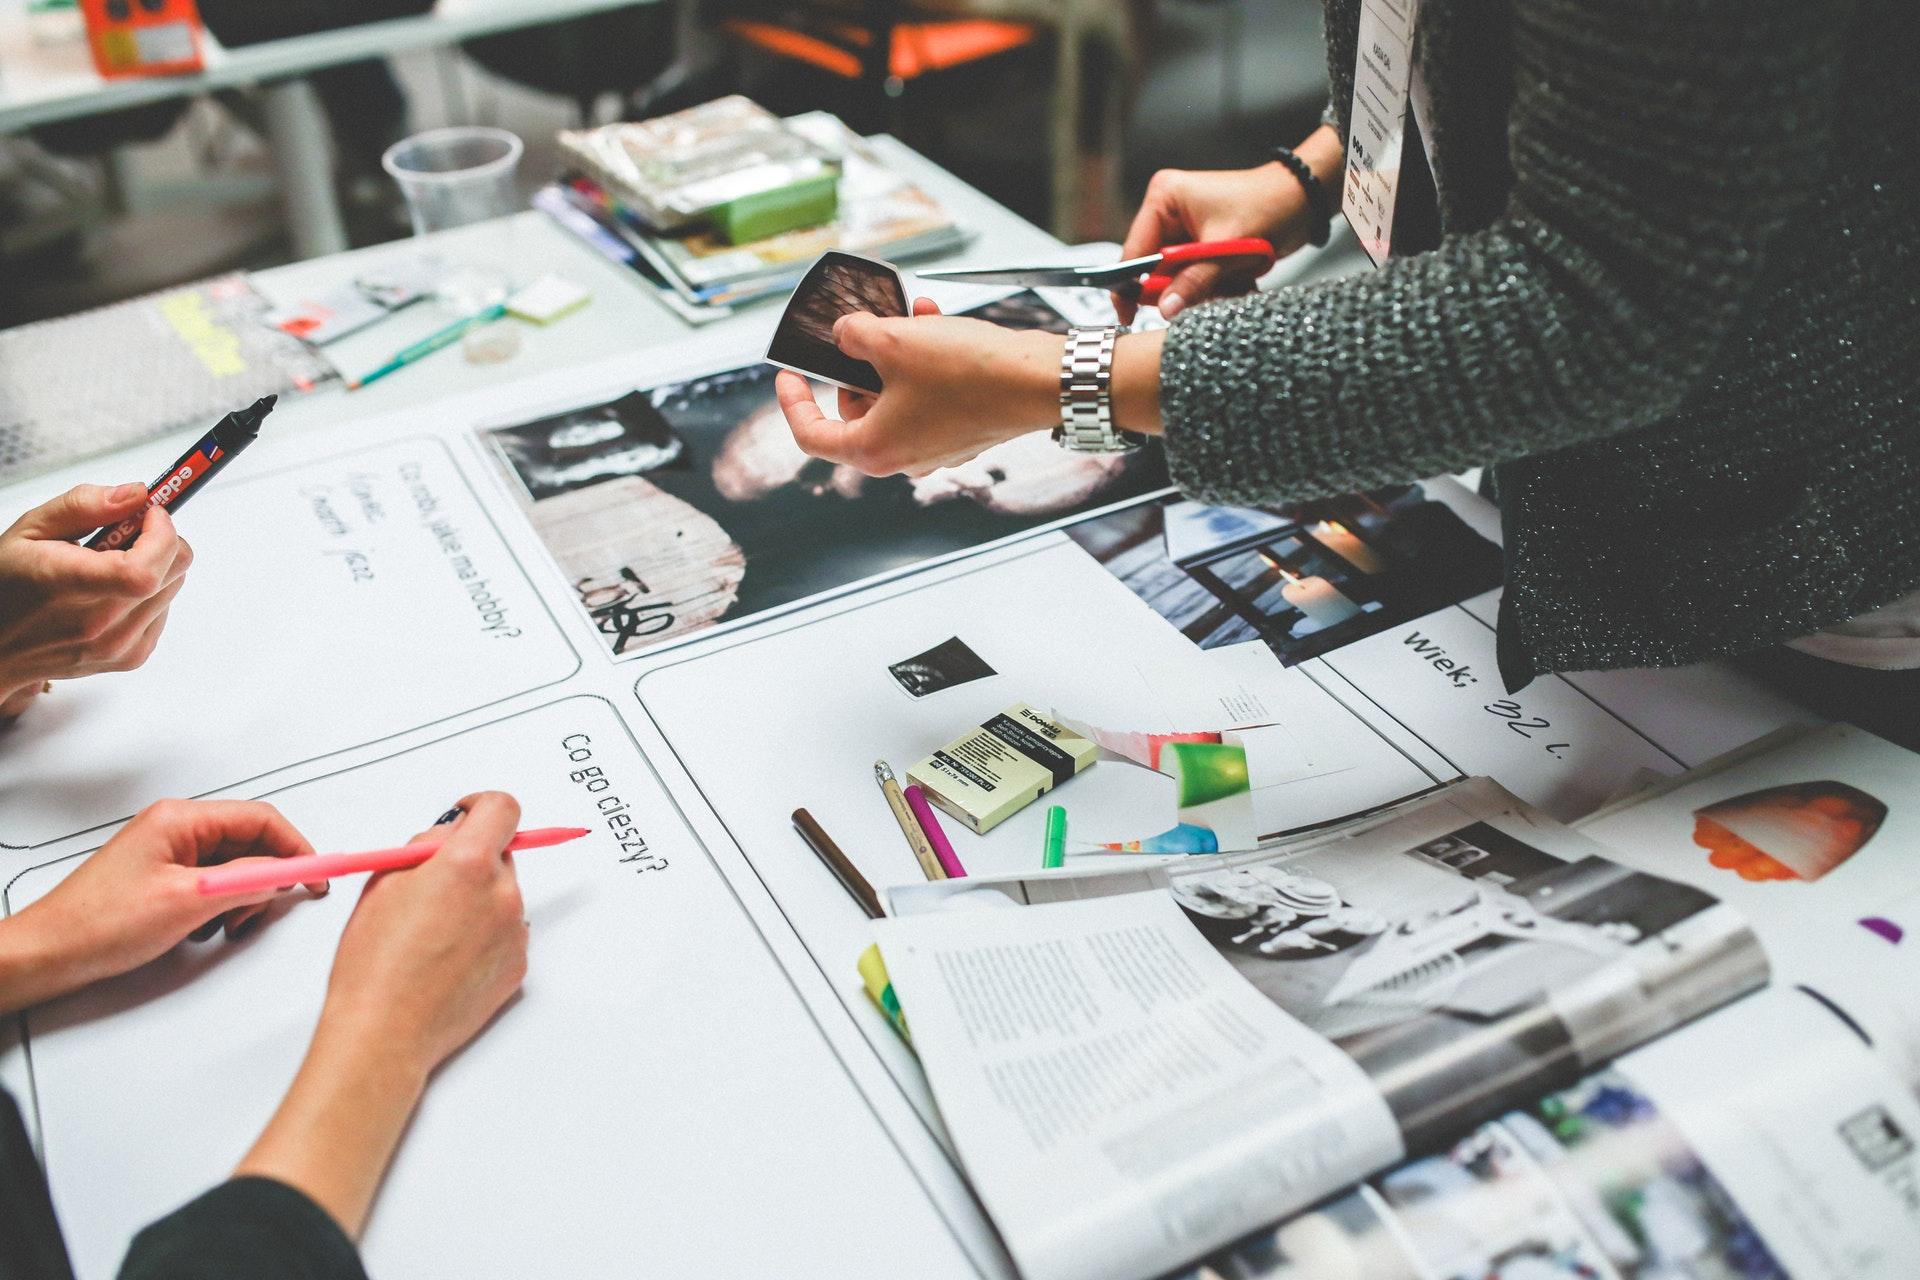 Como organizar evento perfeito: selecionar equipe ideal